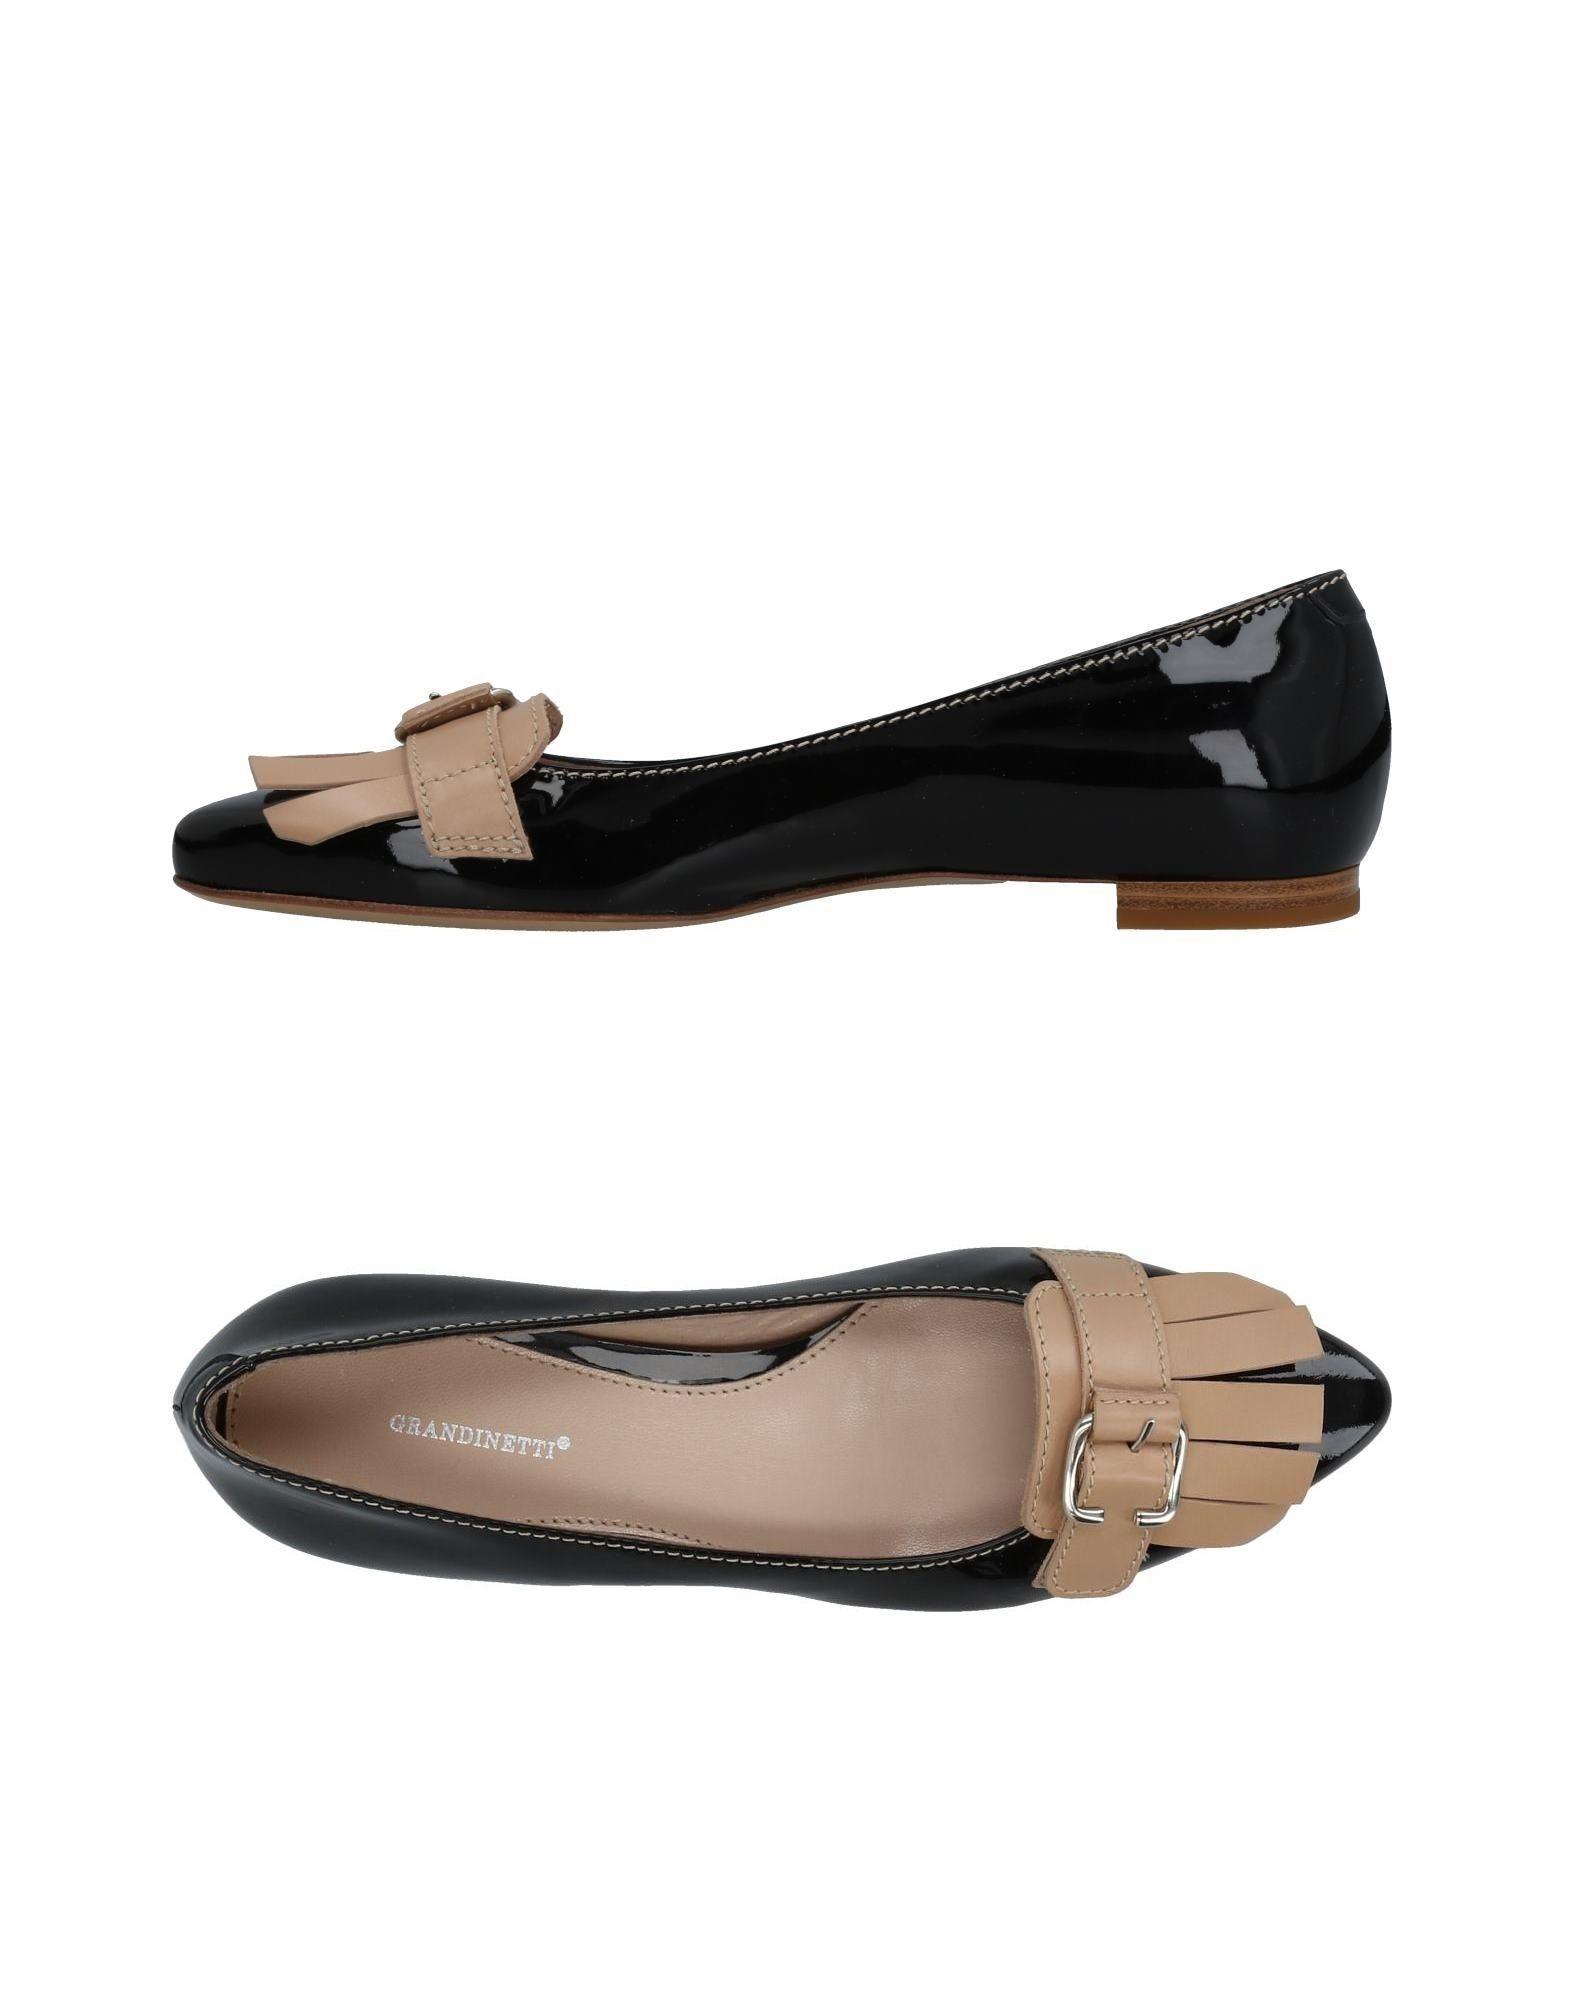 Grandinetti Mokassins Damen  11460722HF Gute Qualität beliebte Schuhe